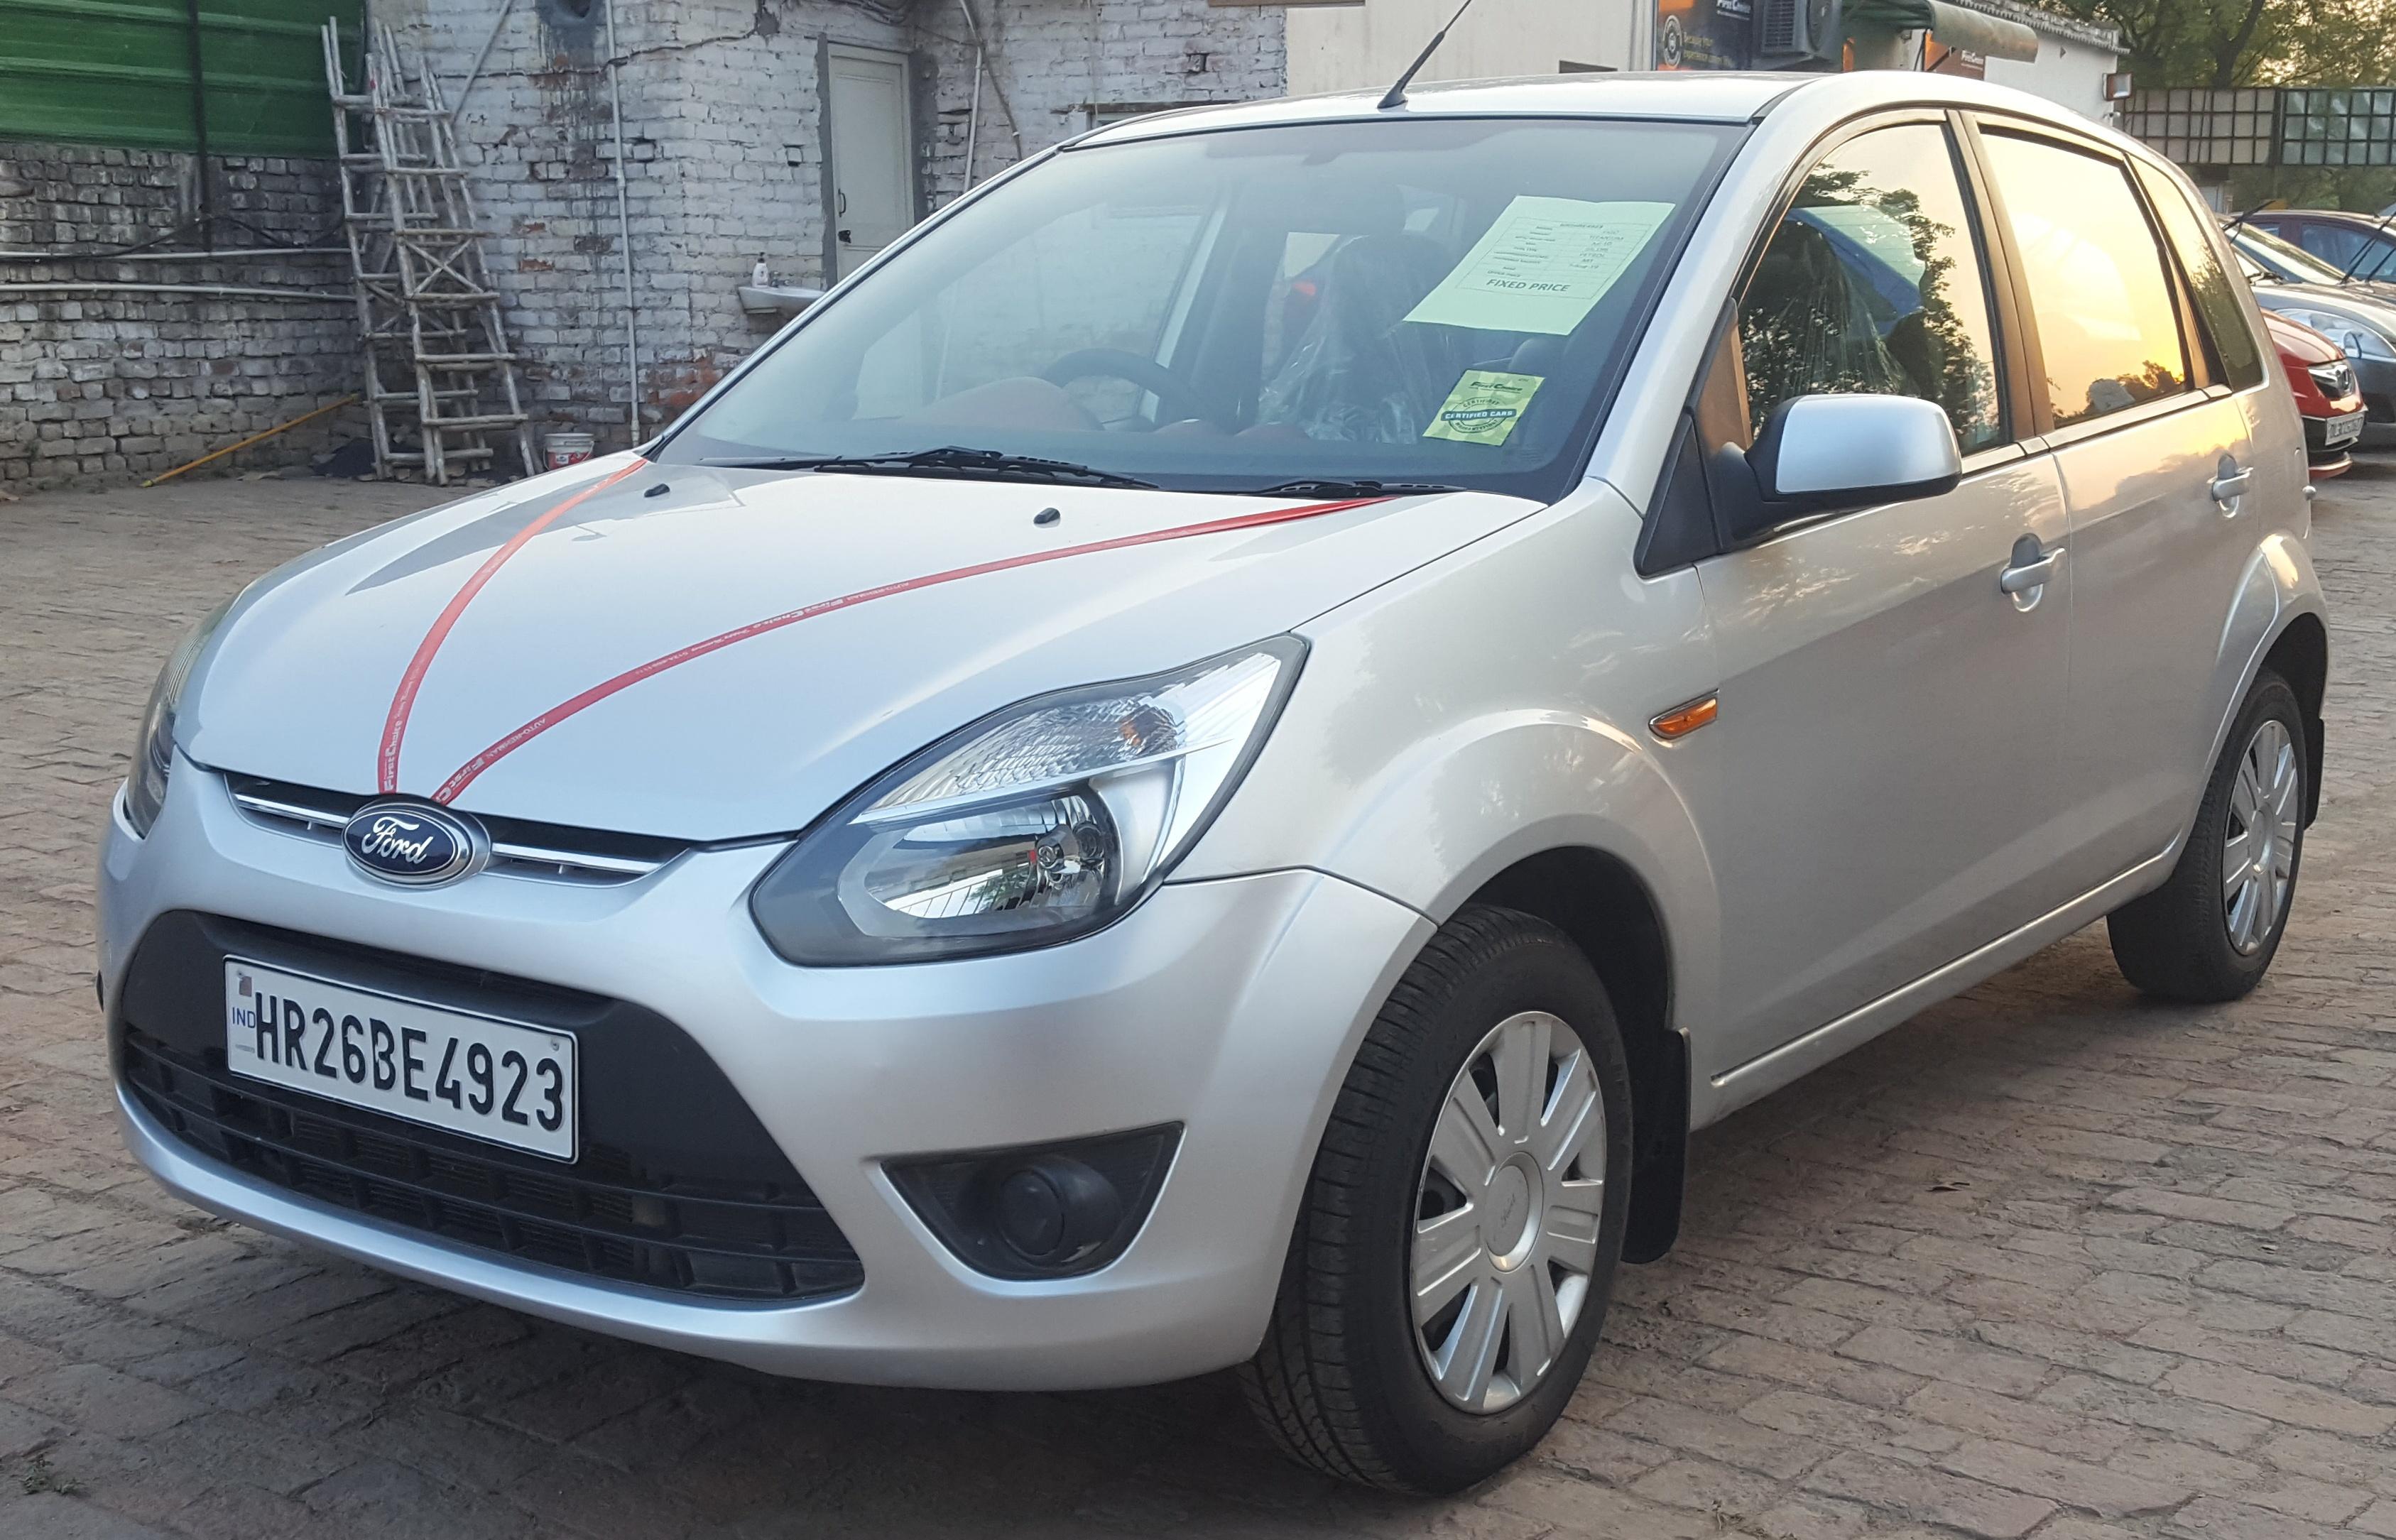 2010 Used Ford Figo DURATEC TITANIUM 1.2